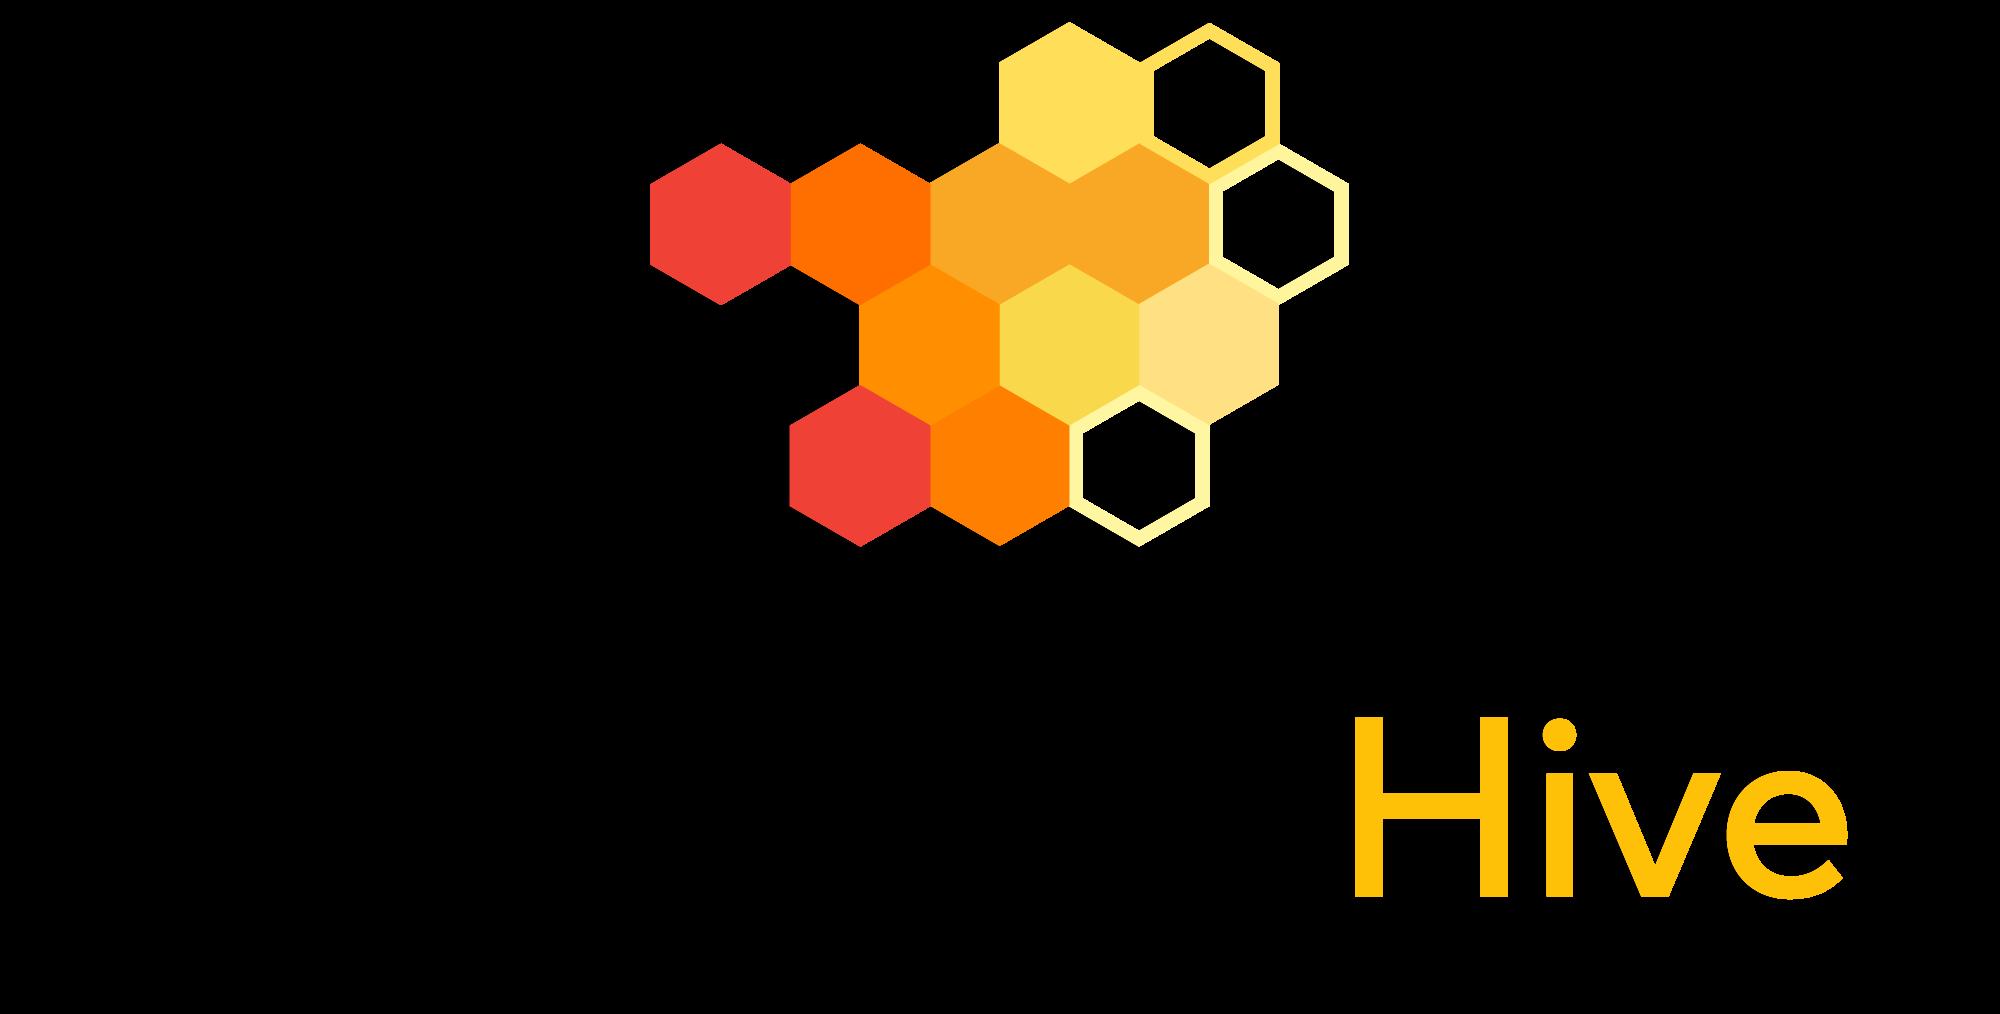 Quiet the Hive